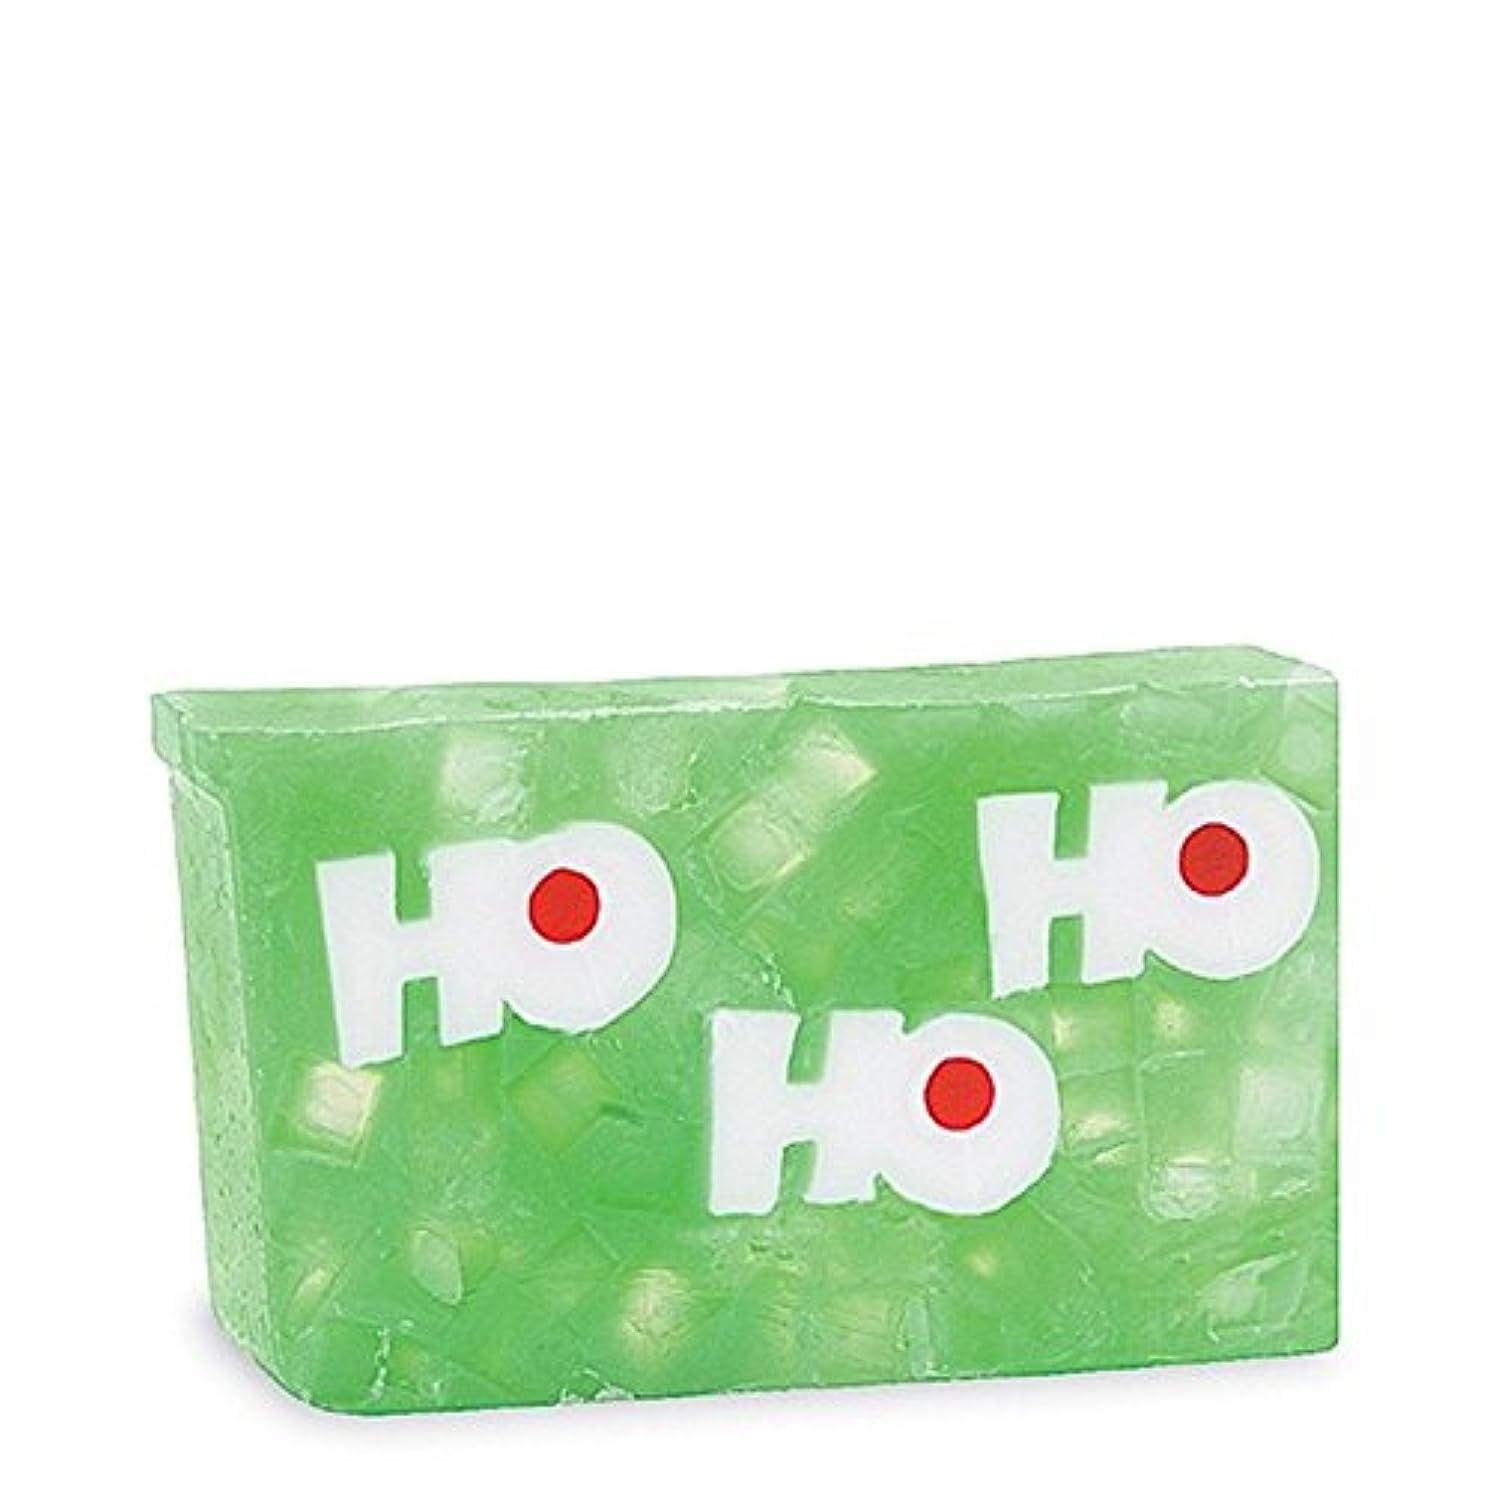 蛇行クルーズアグネスグレイPrimal Elements Ho Ho Ho Soap - 原初の要素ホーホーホ石鹸 [並行輸入品]